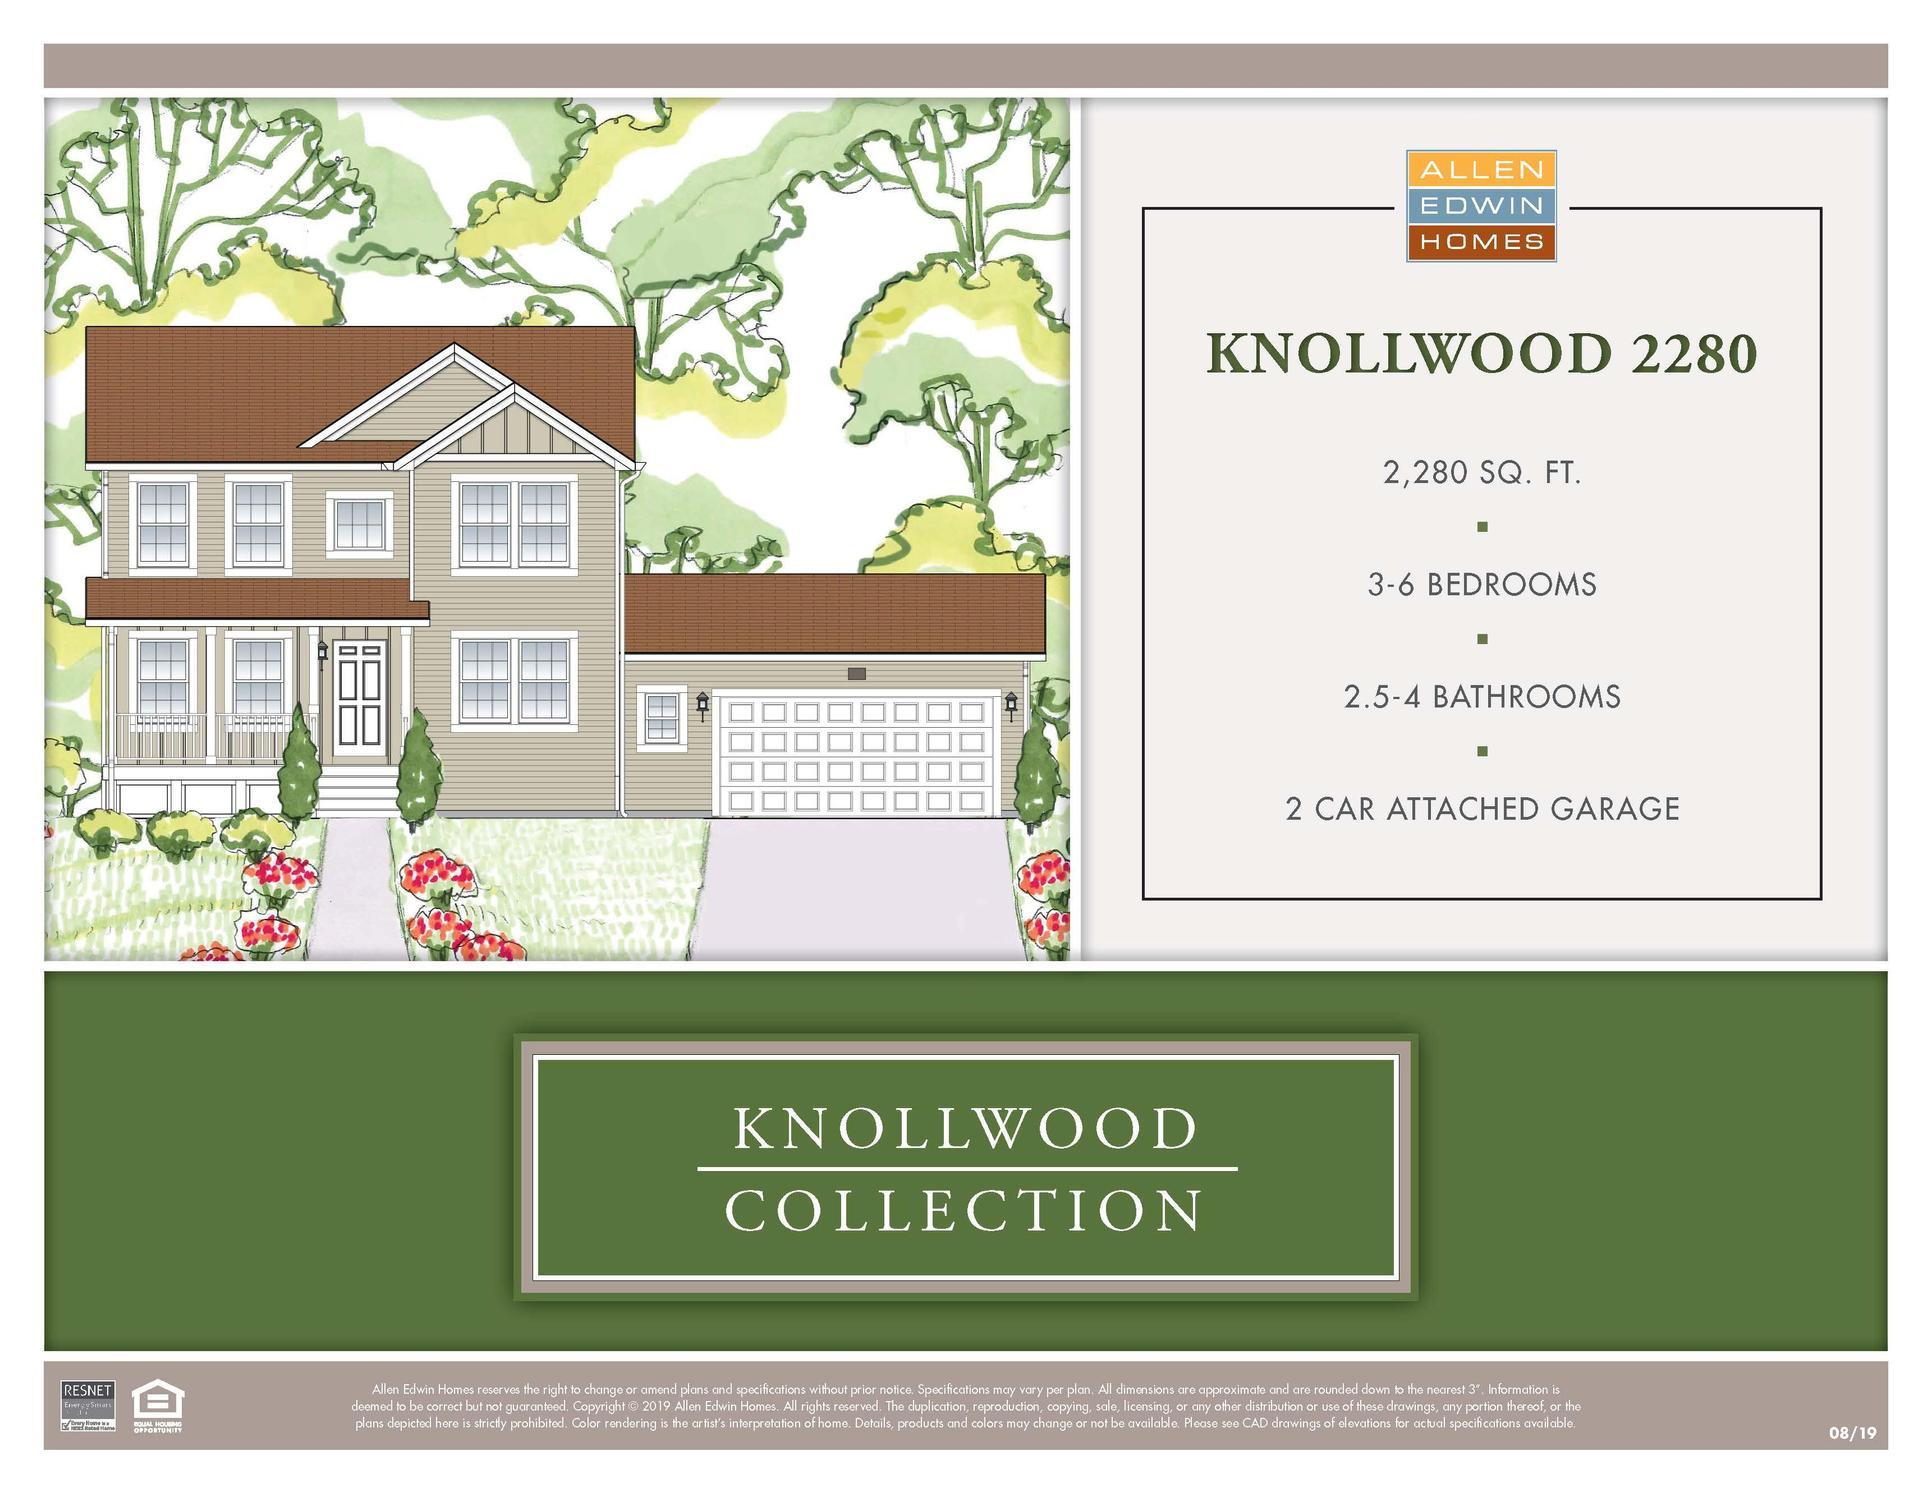 Knollwood 2280:Knollwood 2280